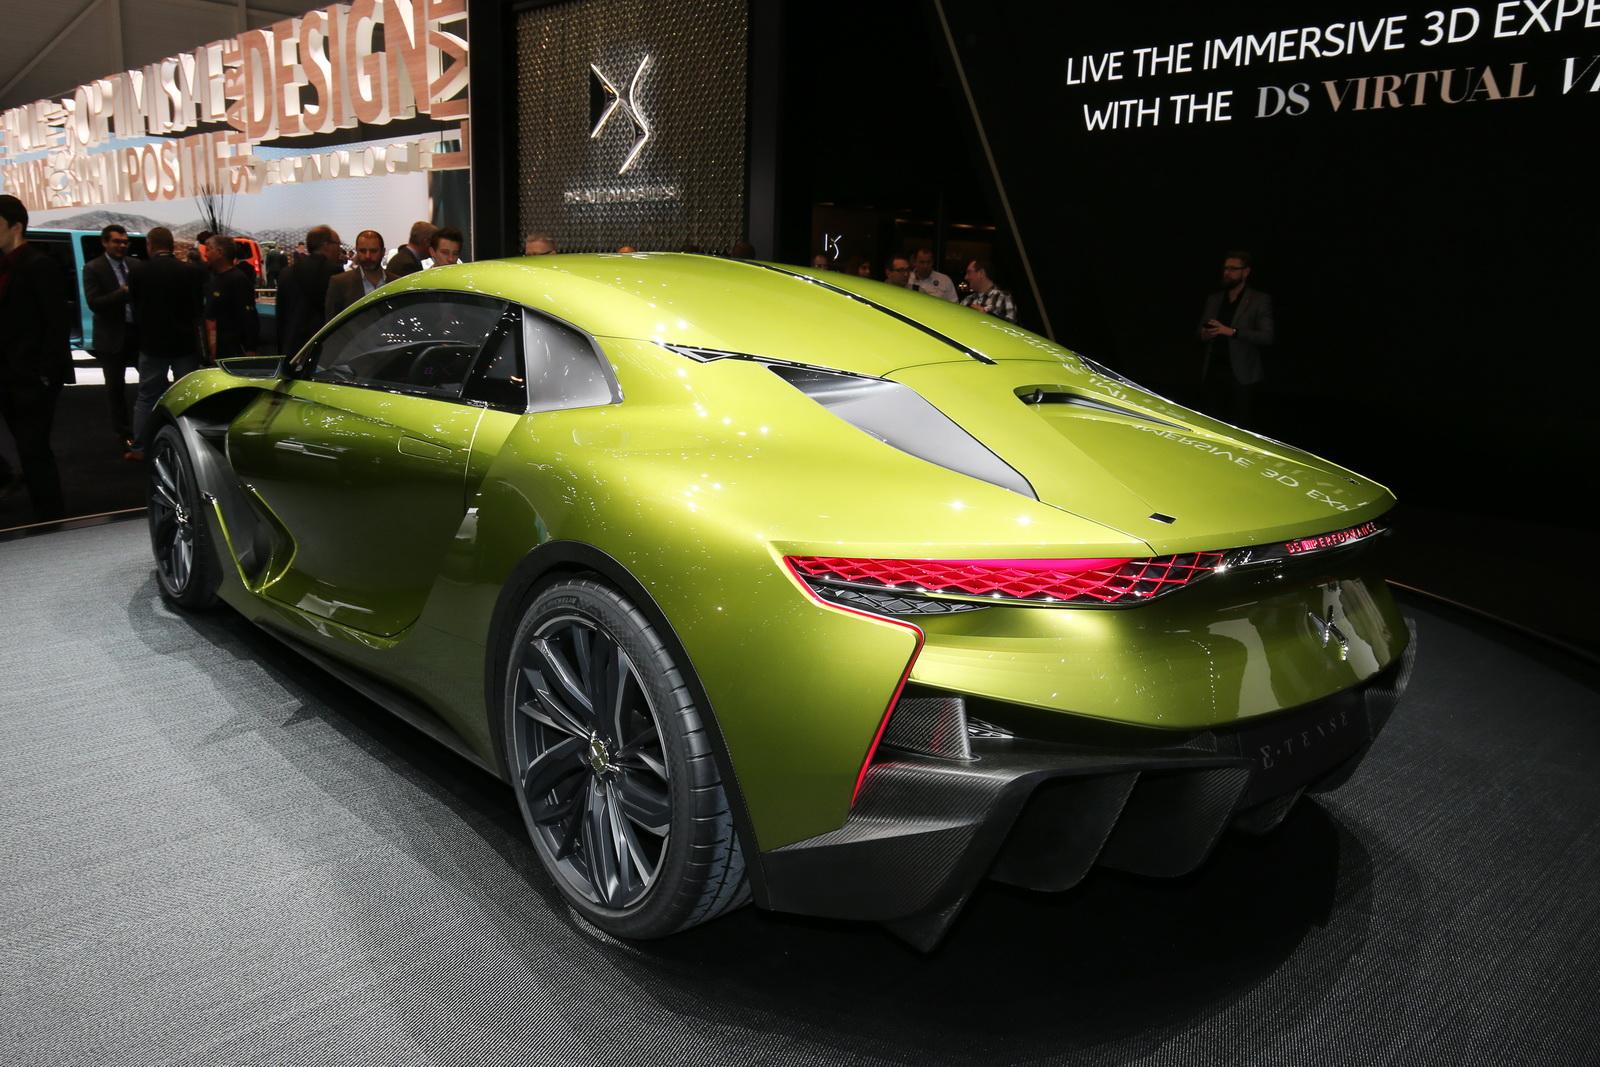 Quá nhiều điều mới lạ trong thiết kế của siêu xe DS E-Tense Concept 2017